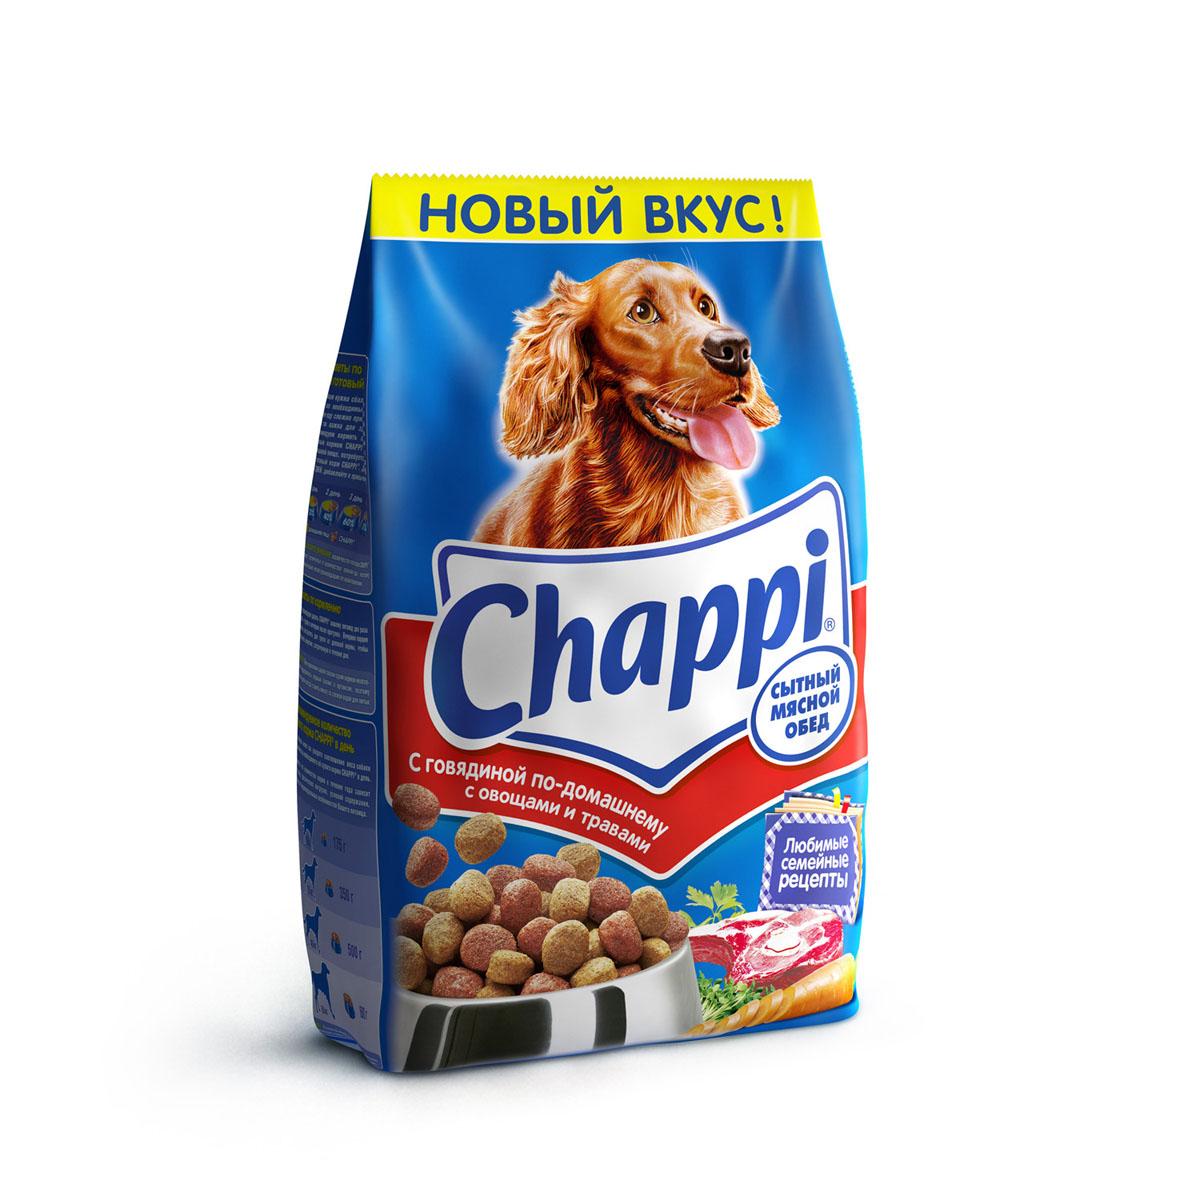 Корм сухой для собак Chappi Сытный мясной обед, с говядиной по-домашнему с овощами и травами, 2,5 кг0120710Сухой корм Chappi Сытный мясной обед - это специально разработанная еда для собак с оптимально сбалансированным содержанием белков, витаминов и микроэлементов.Уникальная формула Chappi включает в себя все необходимые для здоровья компоненты: - мясо - для силы и энергии в течение дня; - овощи, травы и злаки - для отличного пищеварения; - масла и жиры - для блестящей шерсти и здоровой кожи; - кальций - для крепких зубов и костей; - витамины - для защиты здоровья; - минералы - для подержания собаки в оптимальной форме.Корм Chappi идеально подходит для вашего любимца как надежный источник жизненных сил. Состав: злаки, мясо и субпродукты, жиры животного происхождения, морковь, люцерна, растительные масла, минеральные вещества, витамины.Пищевая ценность в 100 г: белок - 18 г, жиры - 10 г, клетчатка - 7 г, влажность - не более 10 г, зола - 7 г, кальций - 0,8 г, фосфор - 0,6 г, витамин А - 500 МЕ, витамин D - 50 МЕ, витамин Е - 8 мг, витамины В2, В12, пантотеновая и никотиновая кислоты.Энергетическая ценность в 100 г: 350 ккал.Вес: 2,5 кг.Товар сертифицирован.